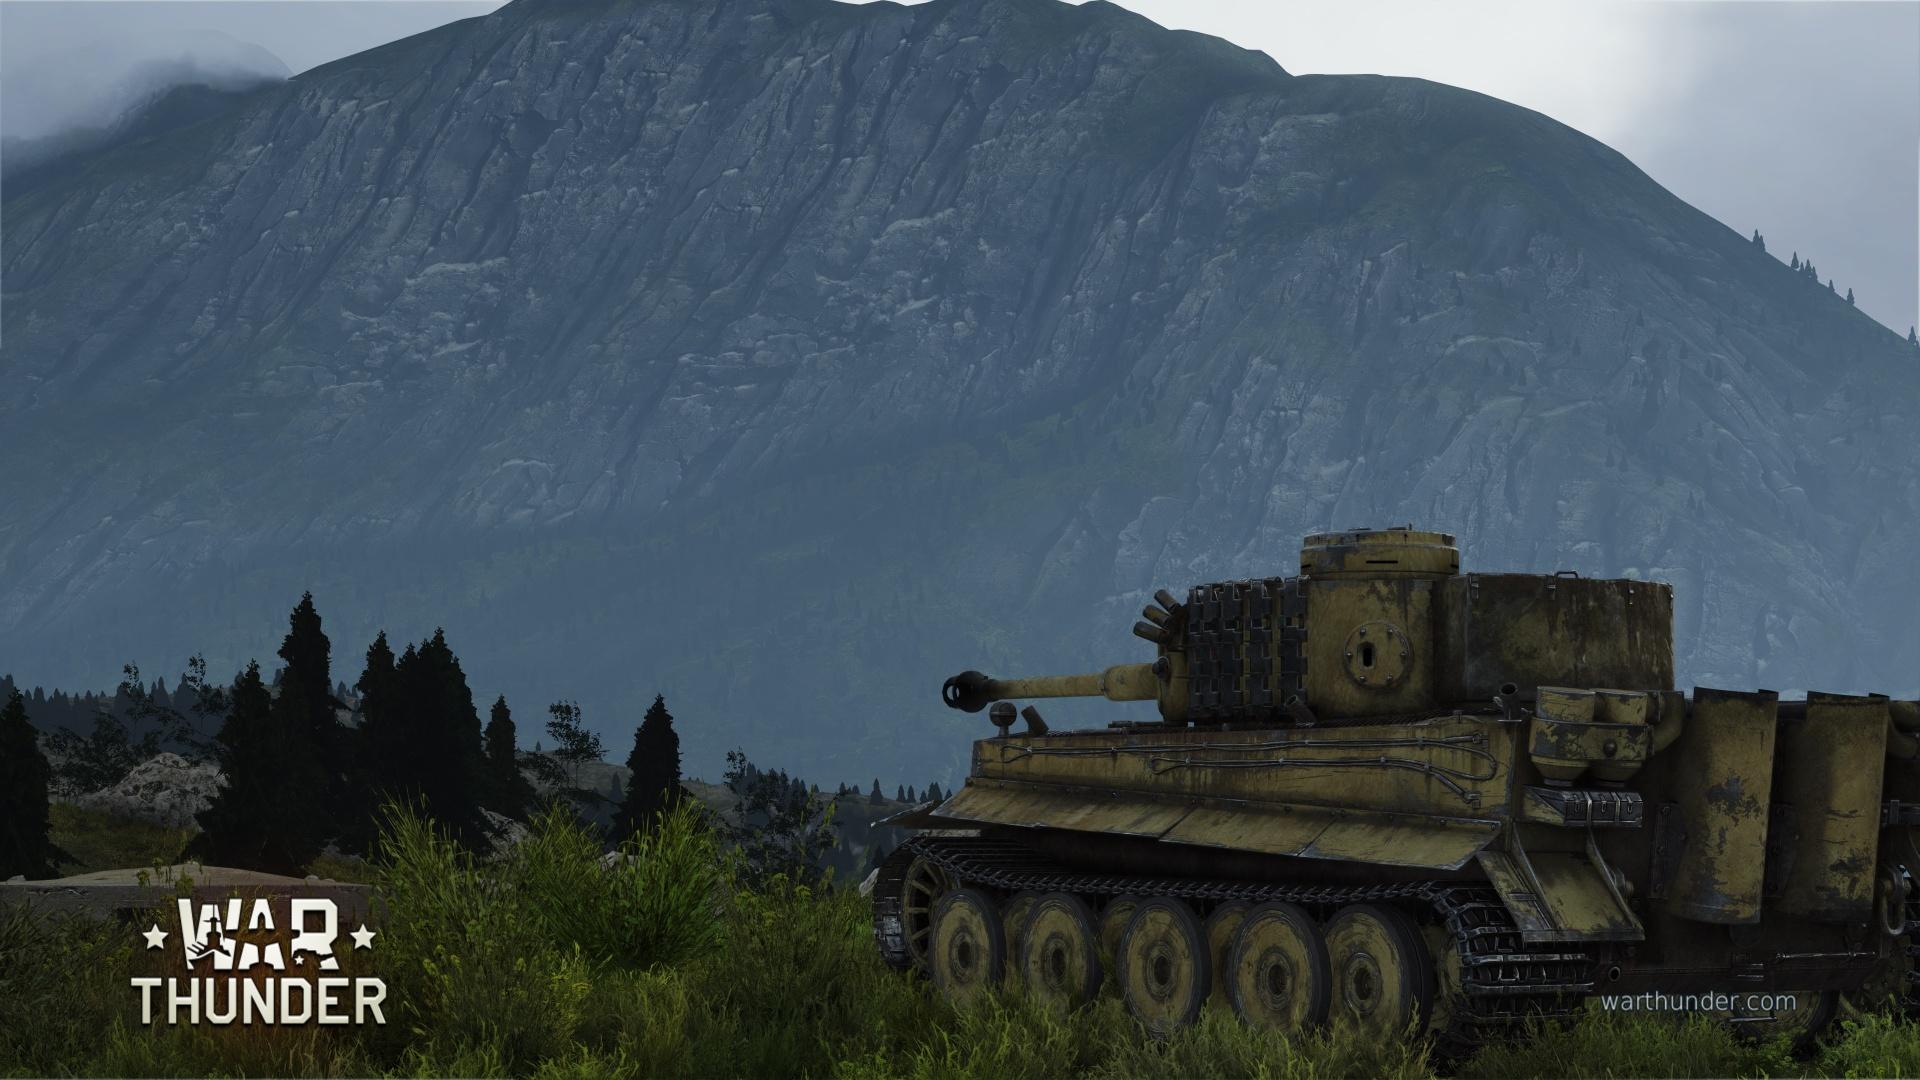 war thunder tanks live